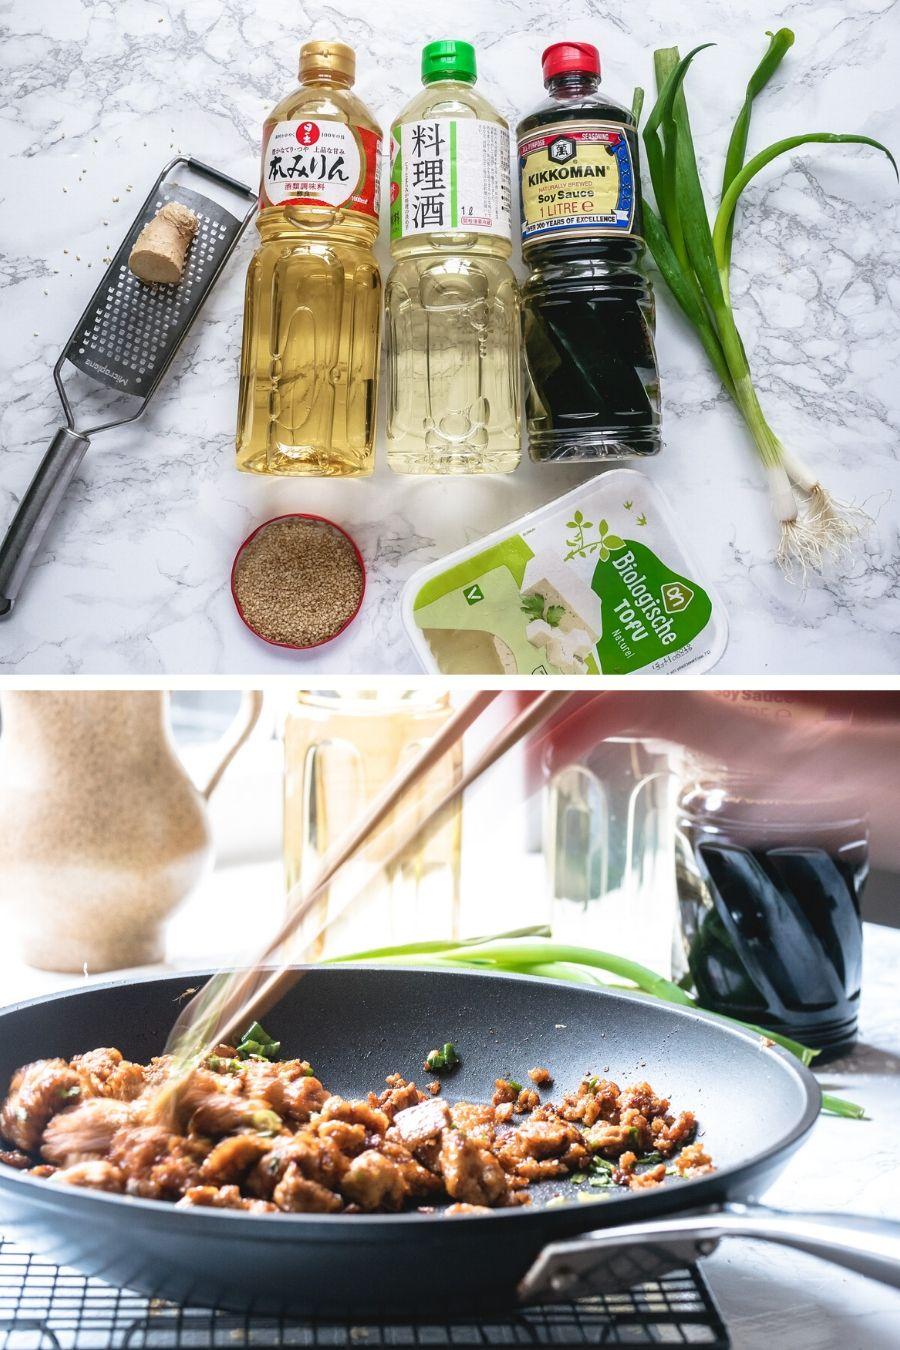 Met flessen sojasaus, sake en mirin huis kun je elke moment een hartige en licht gezoete teriyaki saus maken. Voor een snel en lekker vegan maaltijd. #veganmaaltijd #makkelijkvegan #tofubereiden #teriyaki #tofumakkelijk #vegetarisch #Japanseten